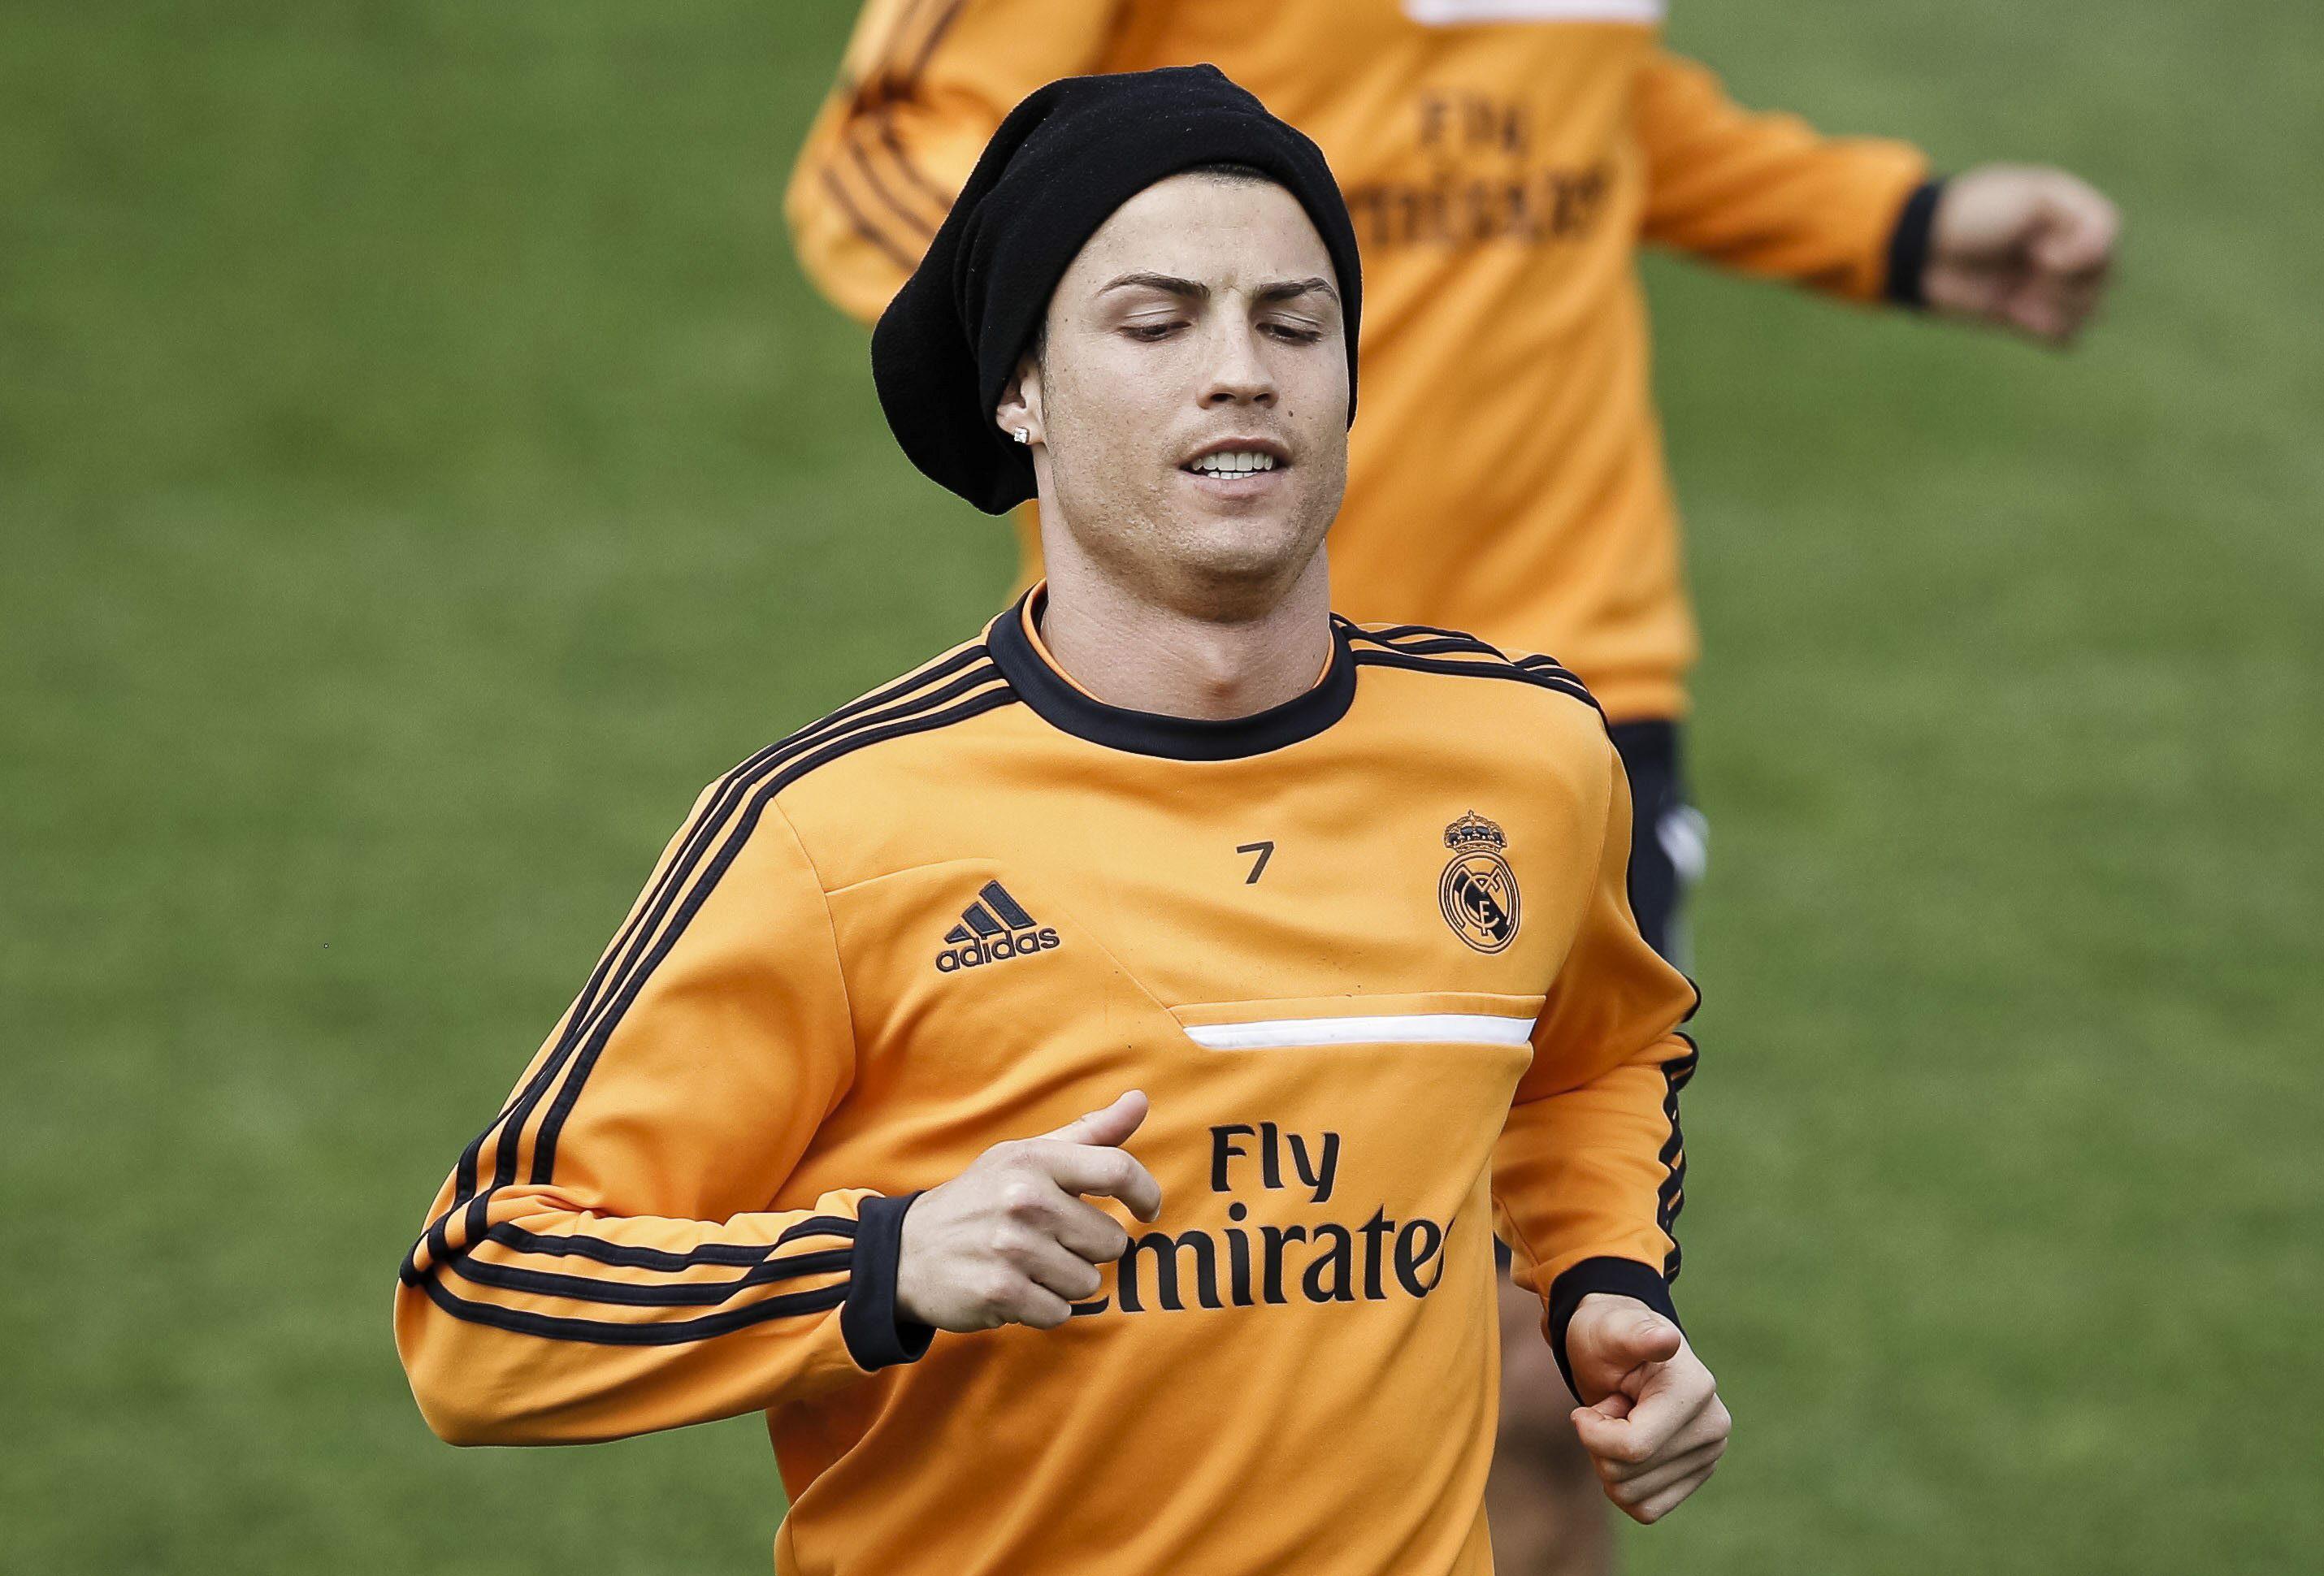 Cristiano Ronaldo confirma que está en condiciones de jugar contra el Bayern